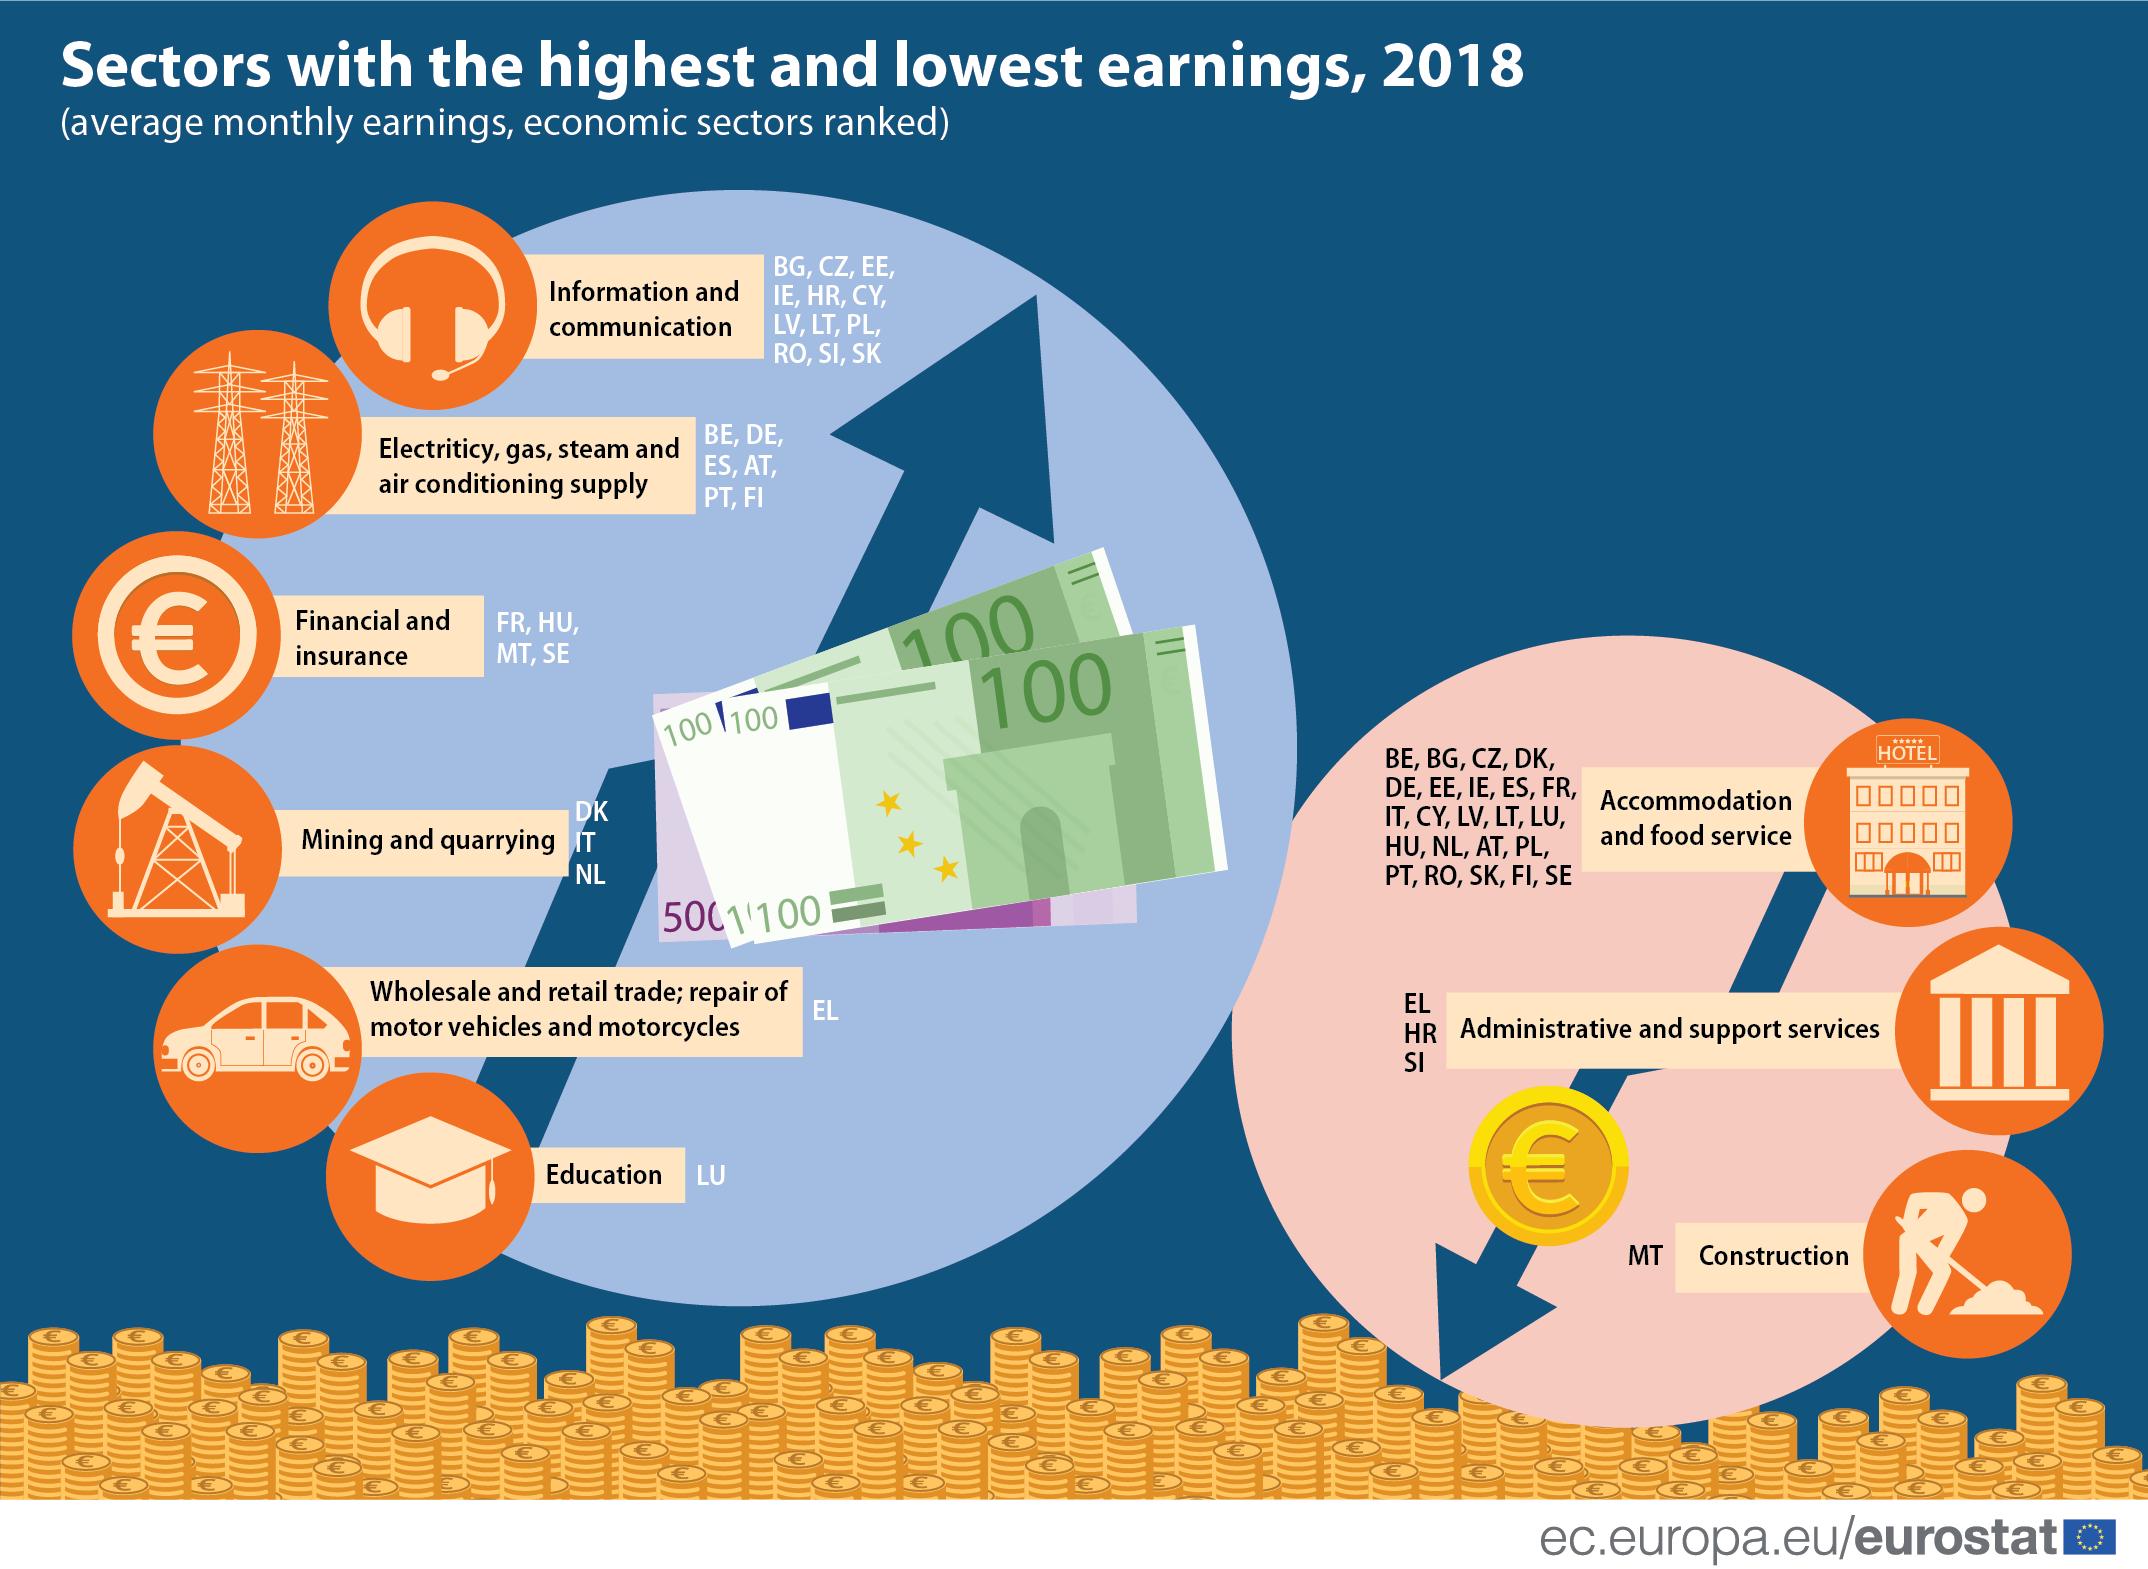 Informaţiile şi comunicaţiile, activităţile financiare şi de asigurări, cel mai bine pătite sectoare din UE